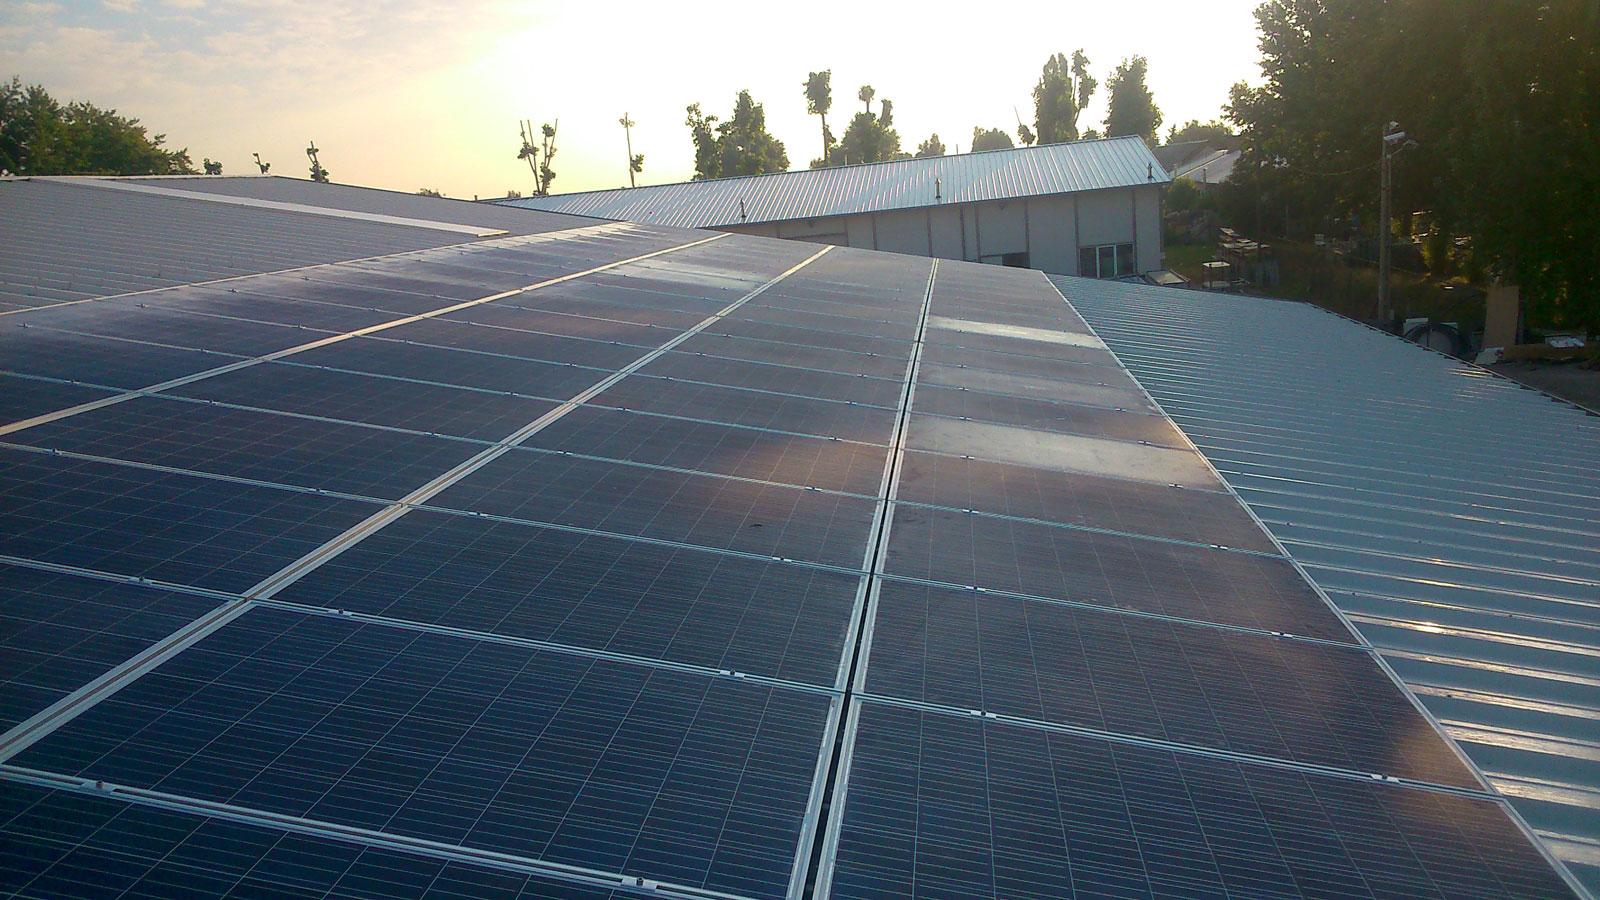 Gyál, Pest megye napelem rendszer, Budapest napelem rendszer értékesítő kivitelező cég.